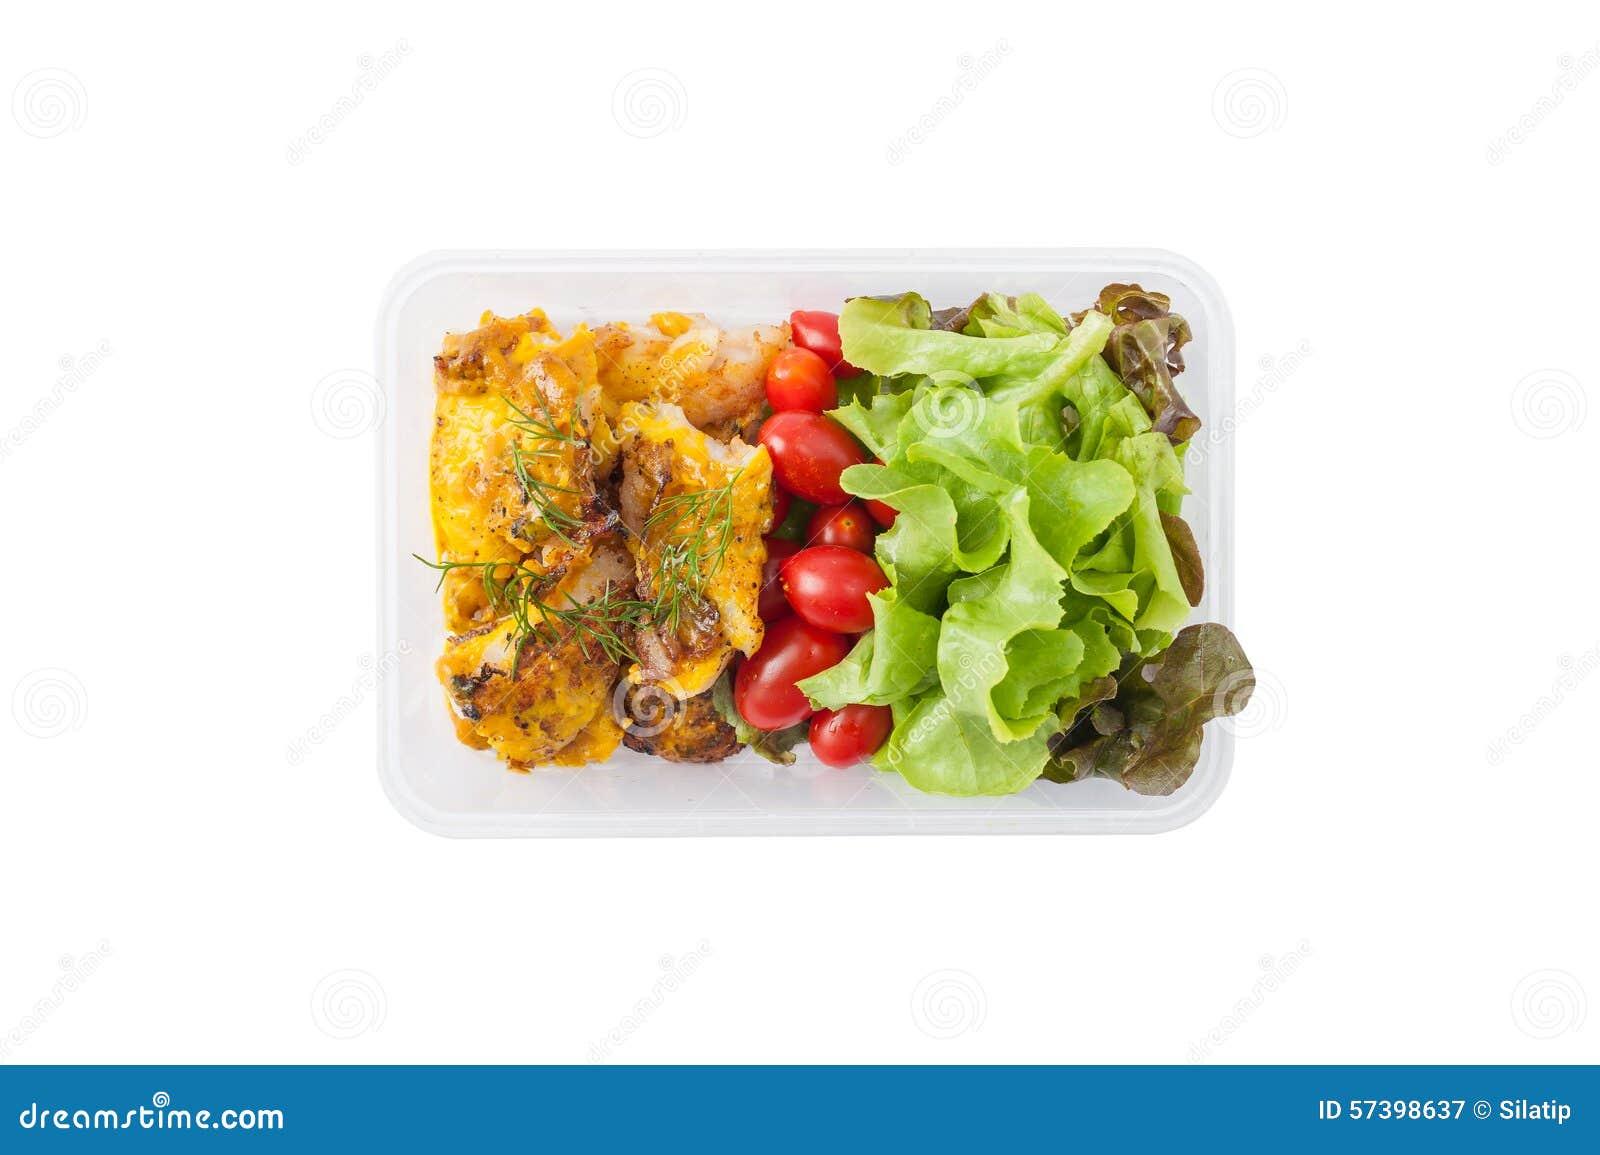 Καθαρό καλαθάκι με φαγητό τροφίμων